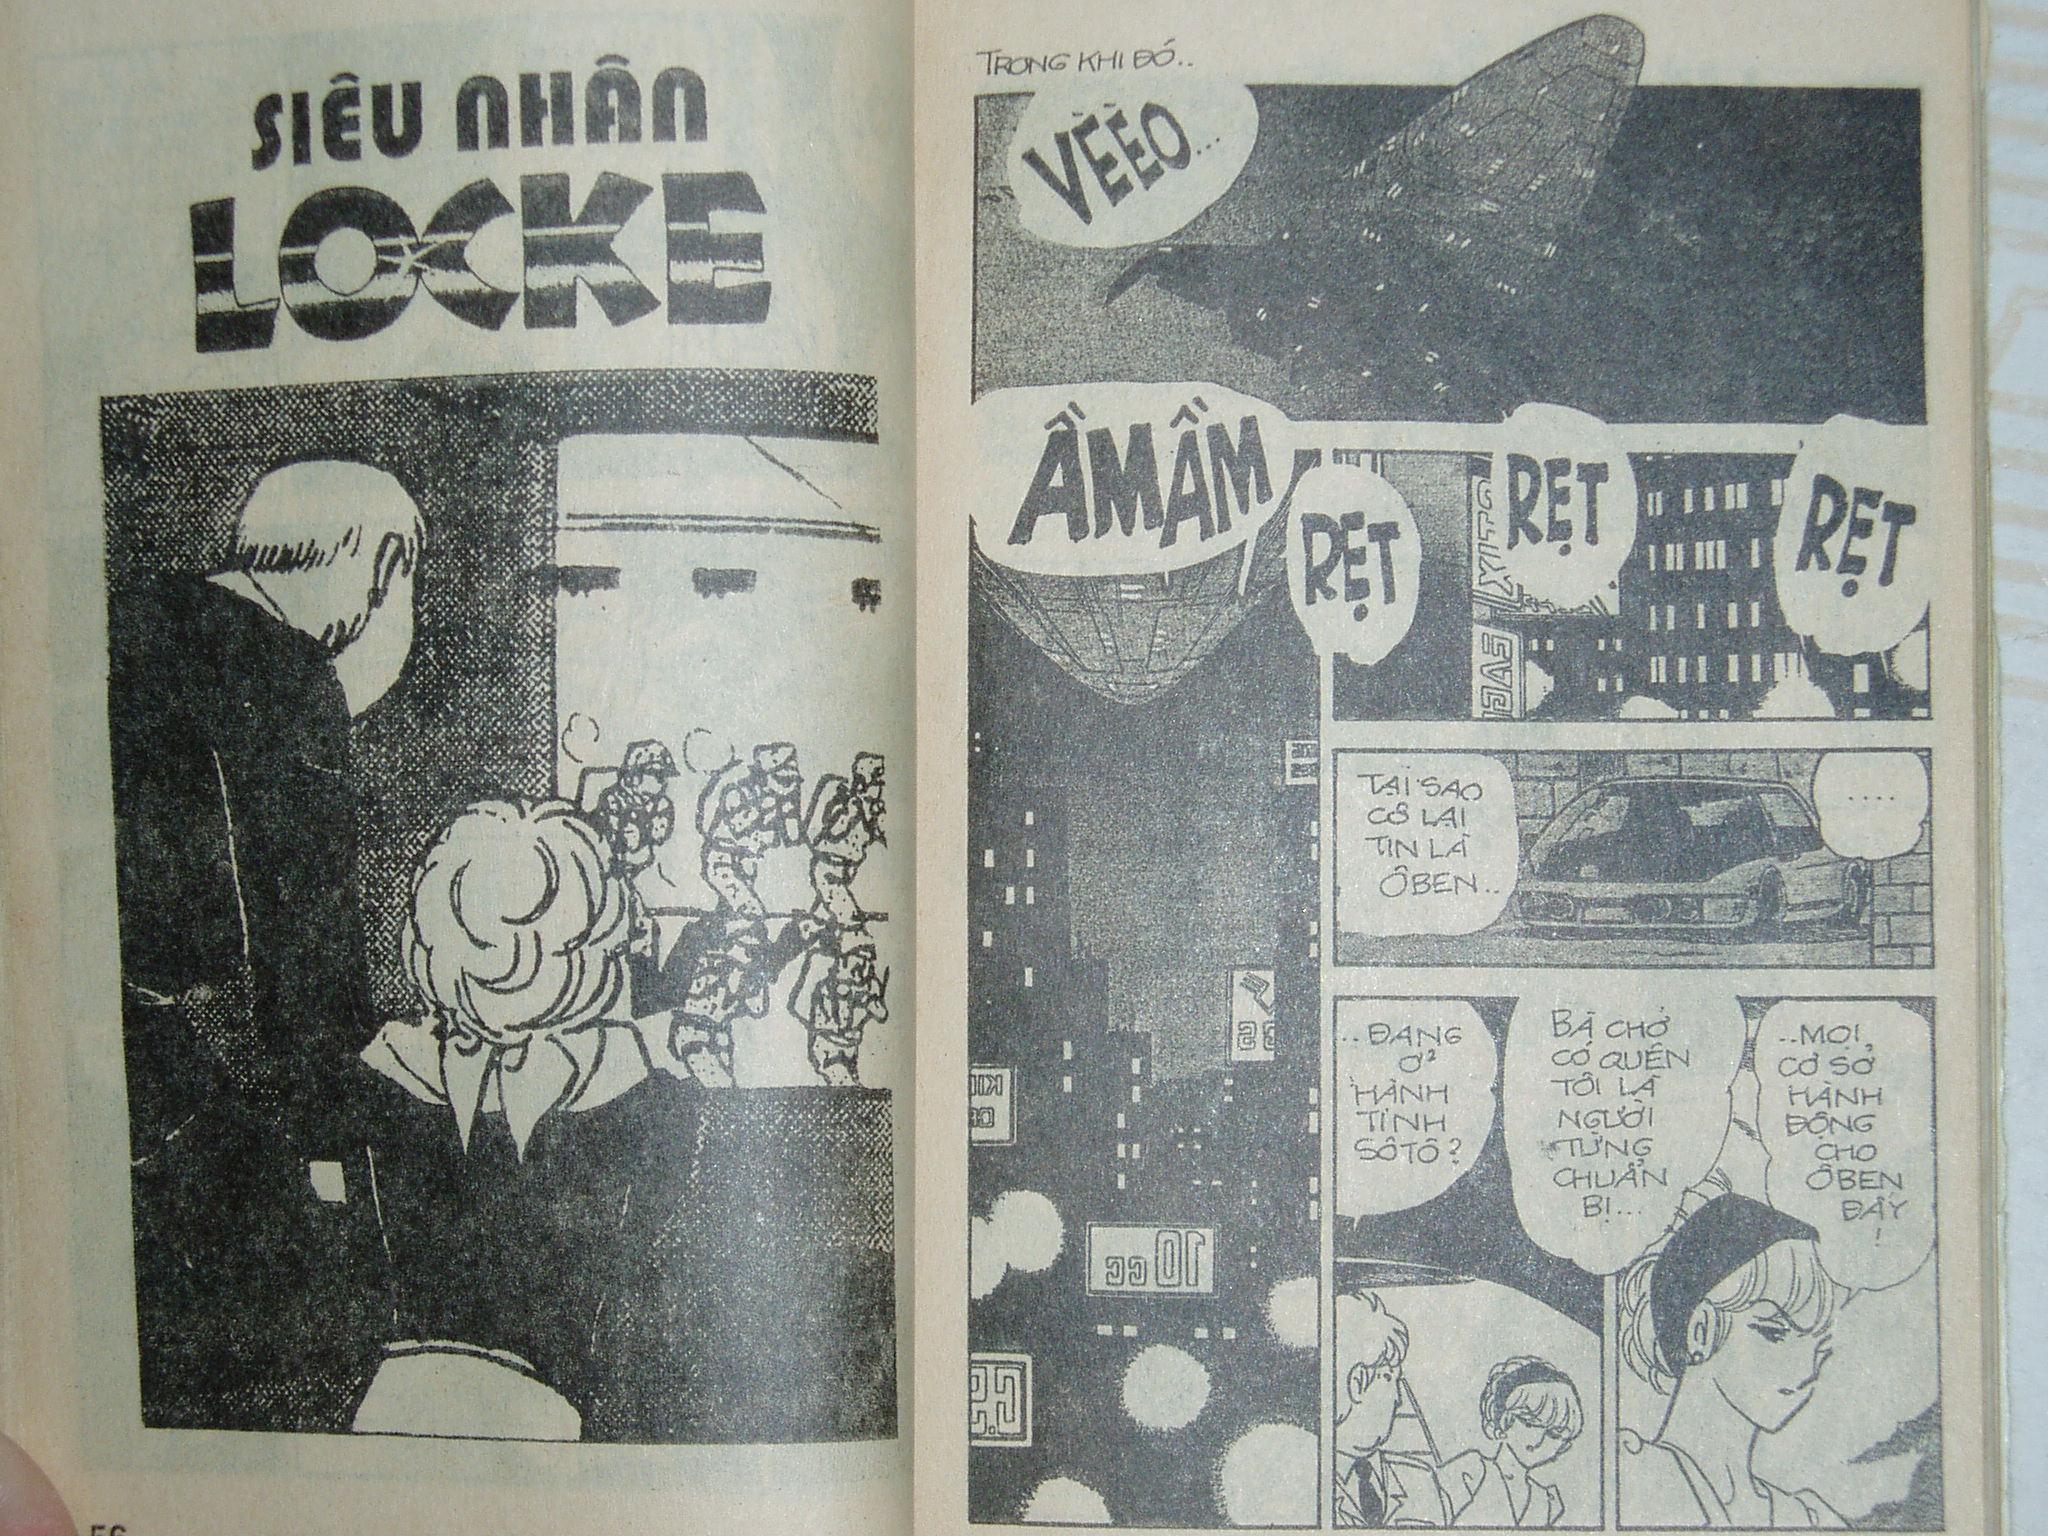 Siêu nhân Locke vol 13 trang 27